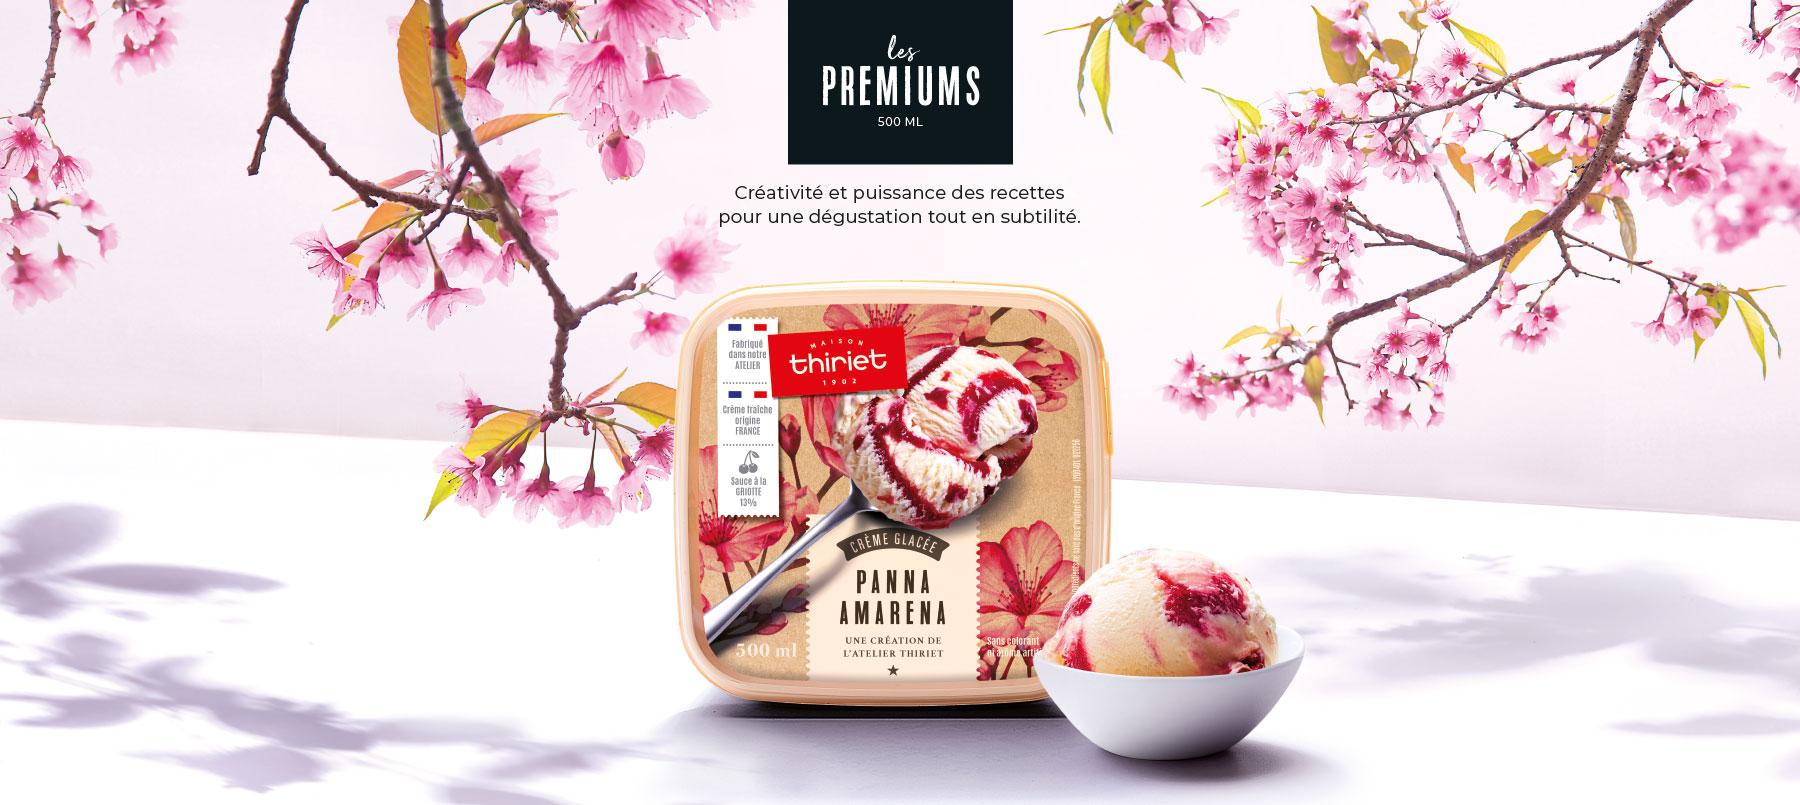 Créativité et puissance des recettes dans les glaces premium de la Maison Thiriet